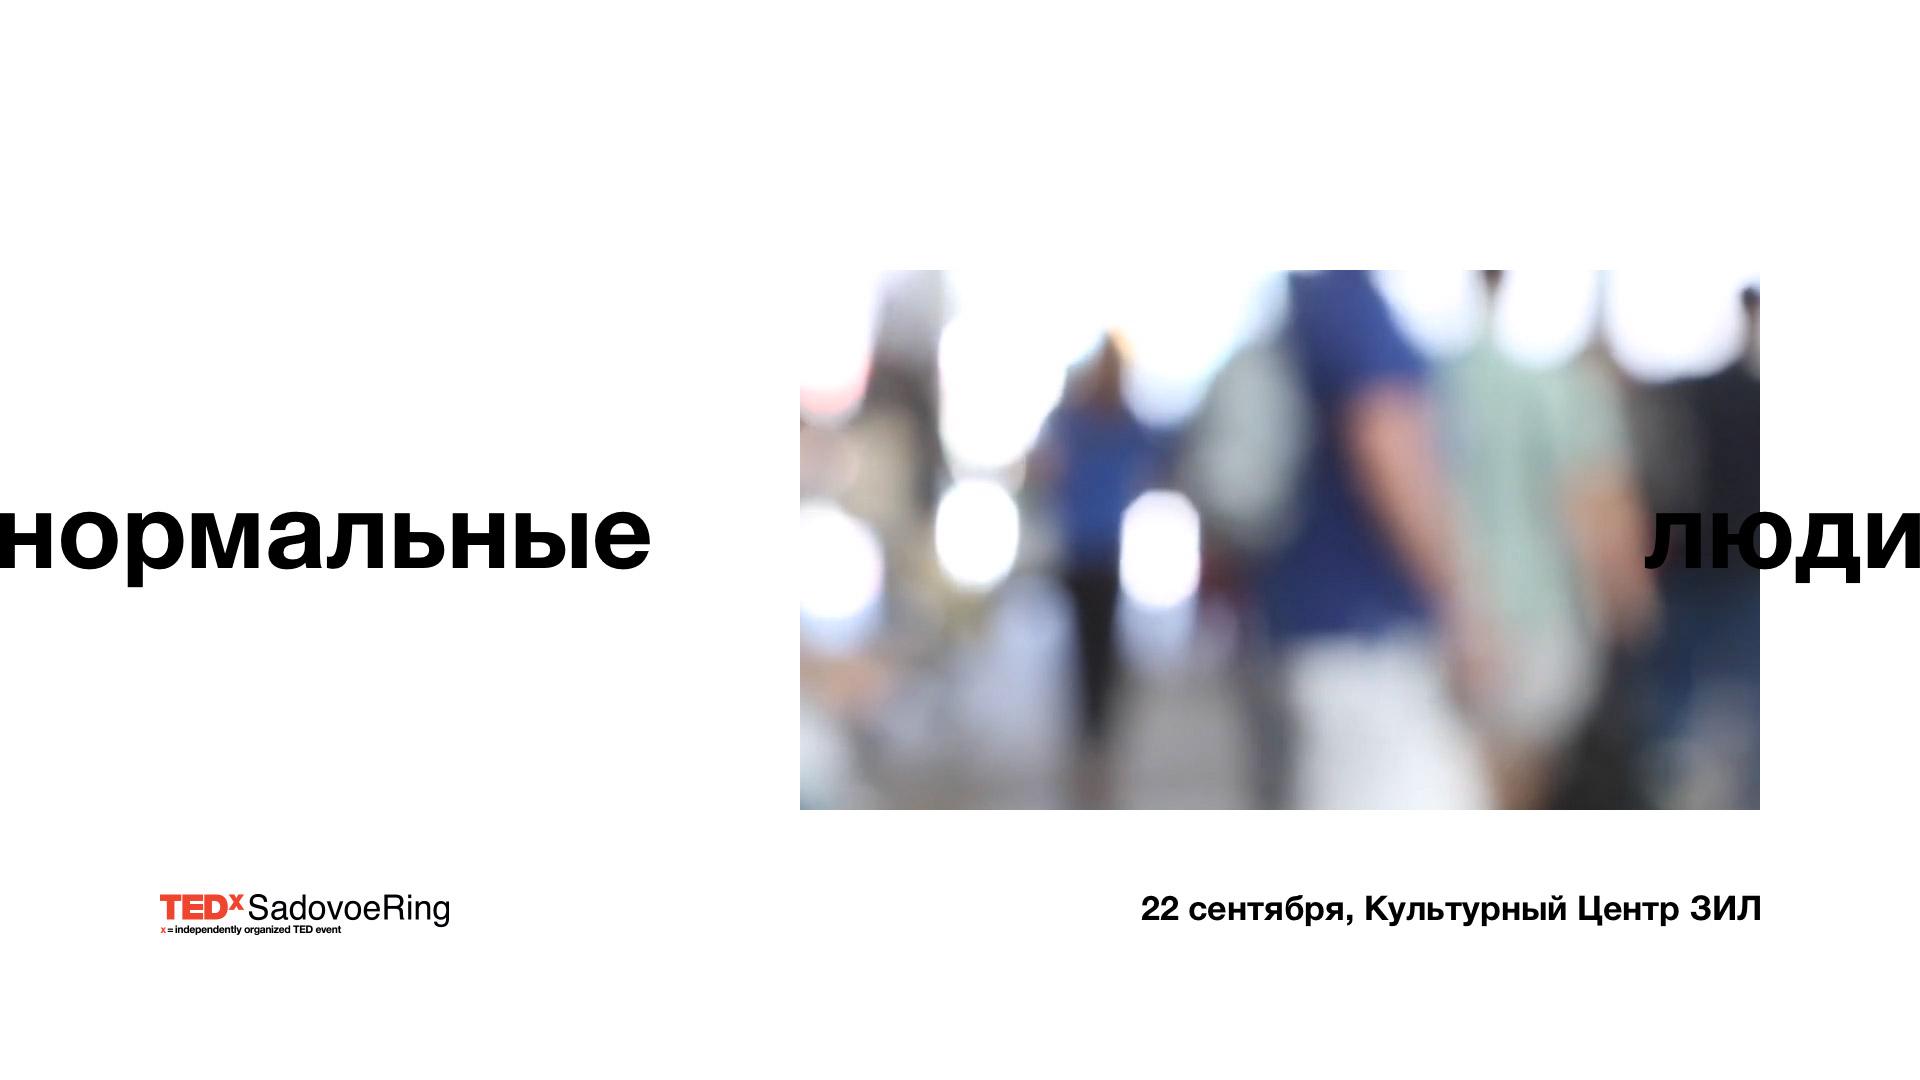 Tedx logo animation01